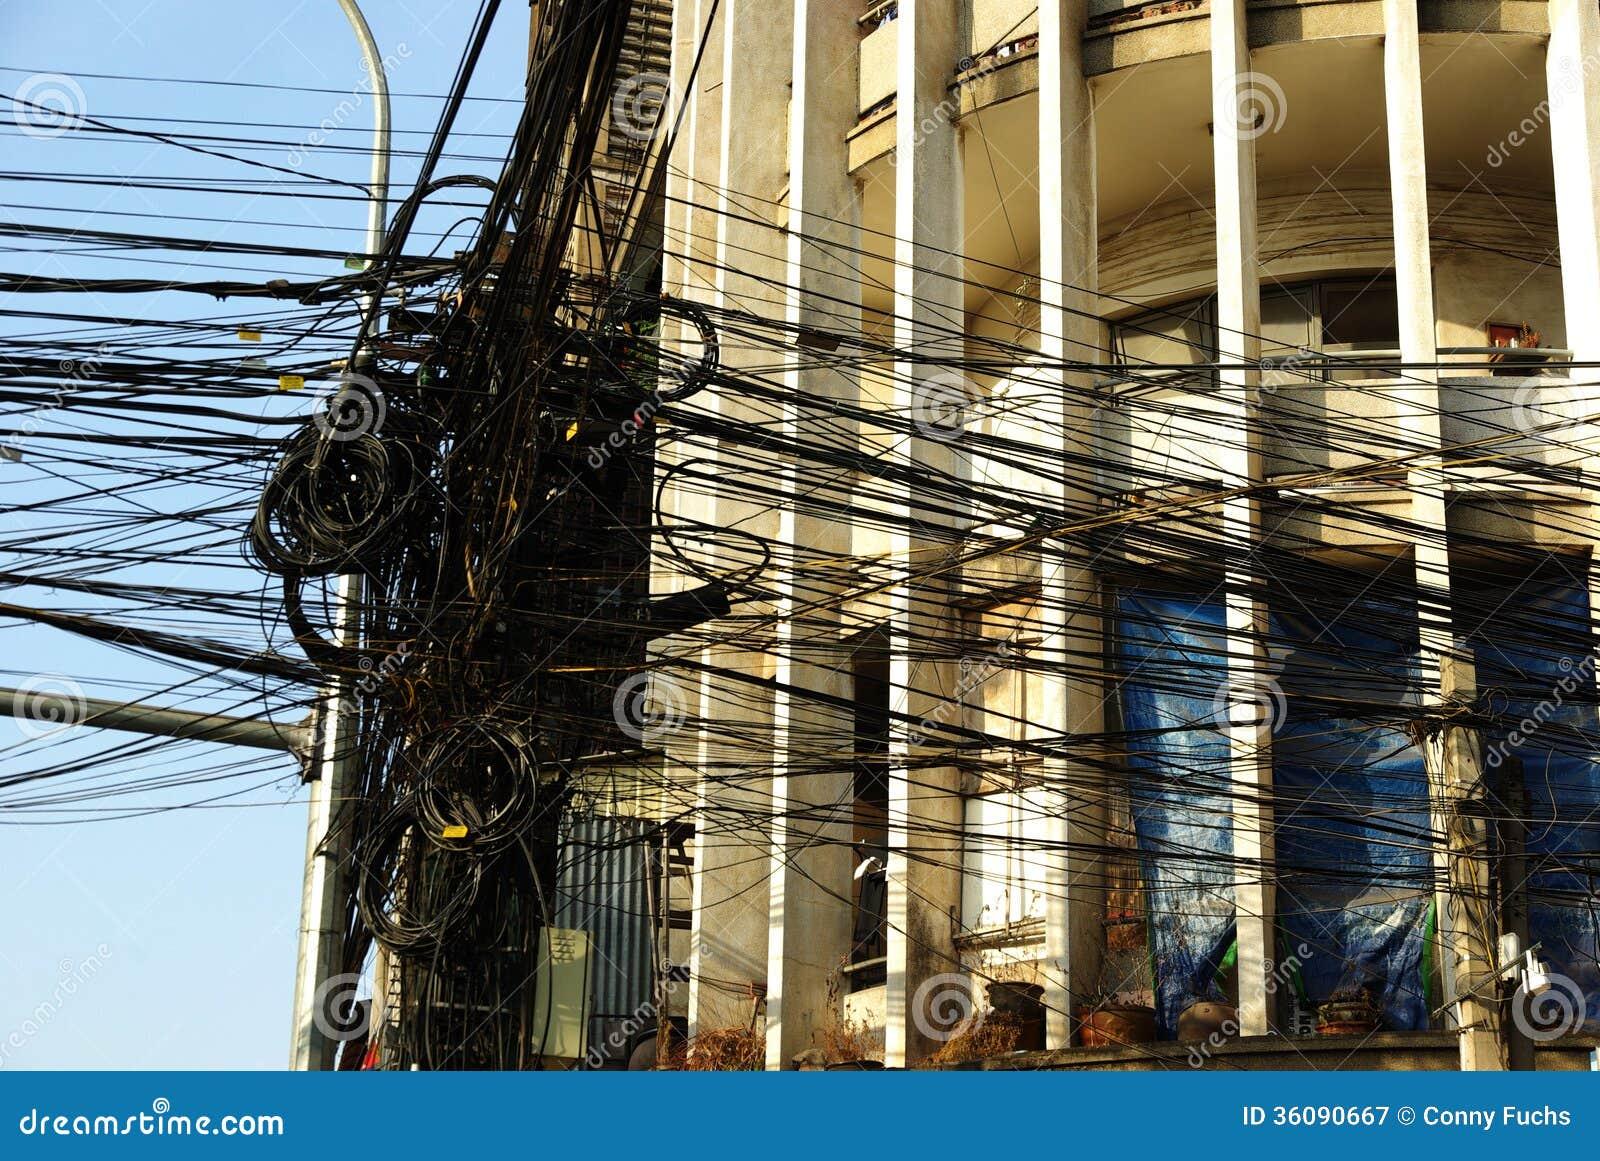 Viele Elektrischen Drähte Vor Einer Art- DecoFassade In Asien ...